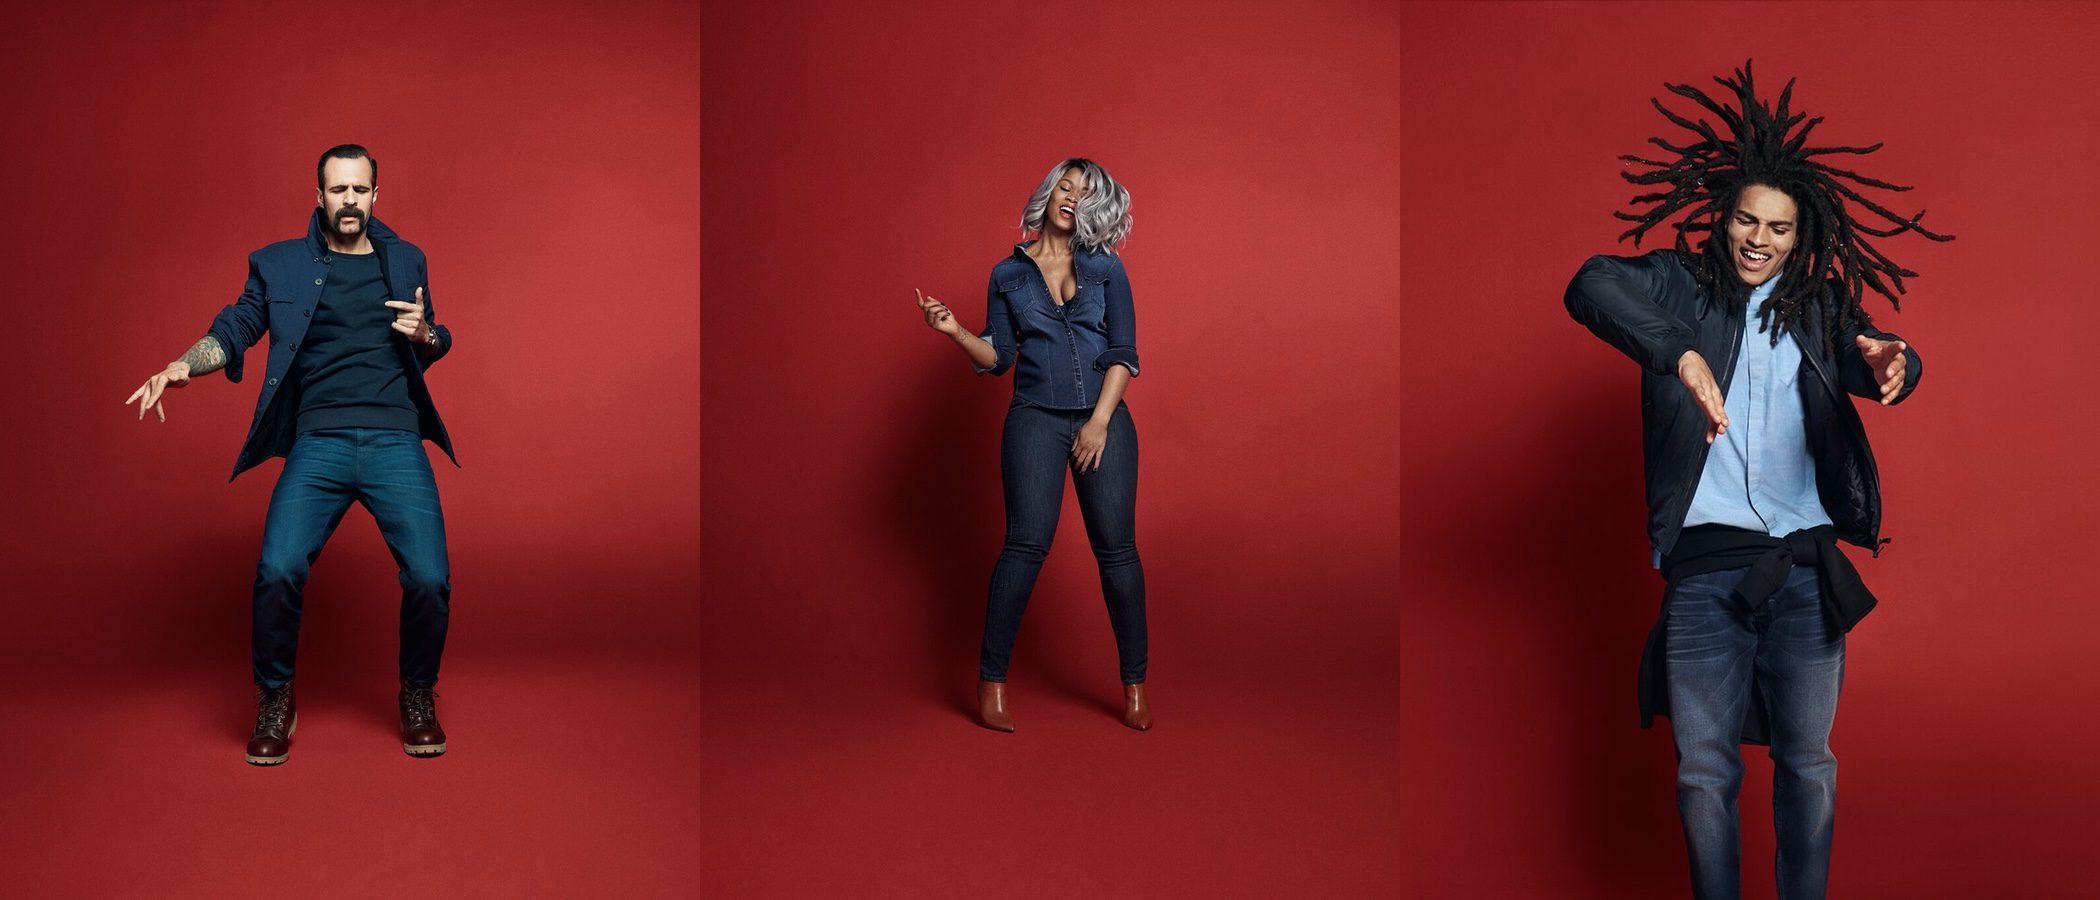 Esprit vuelve a homenajear a la autoexpresión con su campaña para otoño/invierno 2016/2017